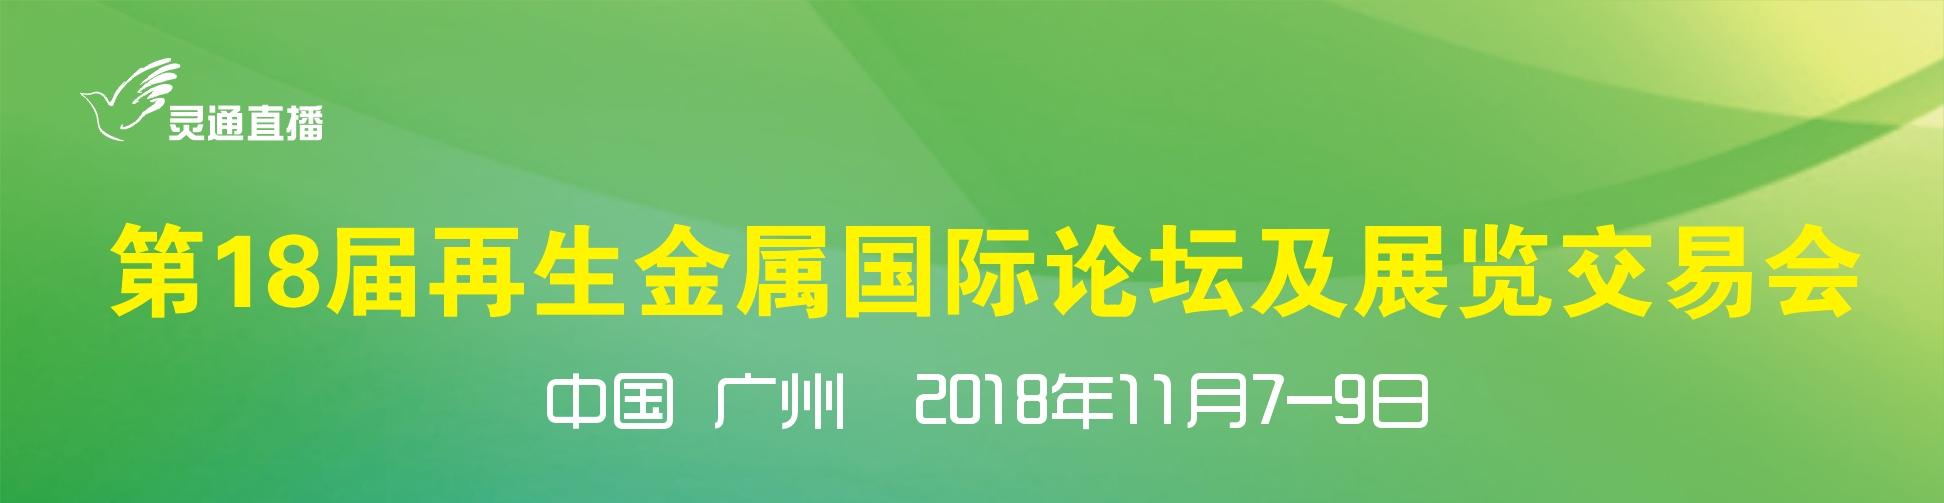 【灵通直播】第18届再生金属国际论坛